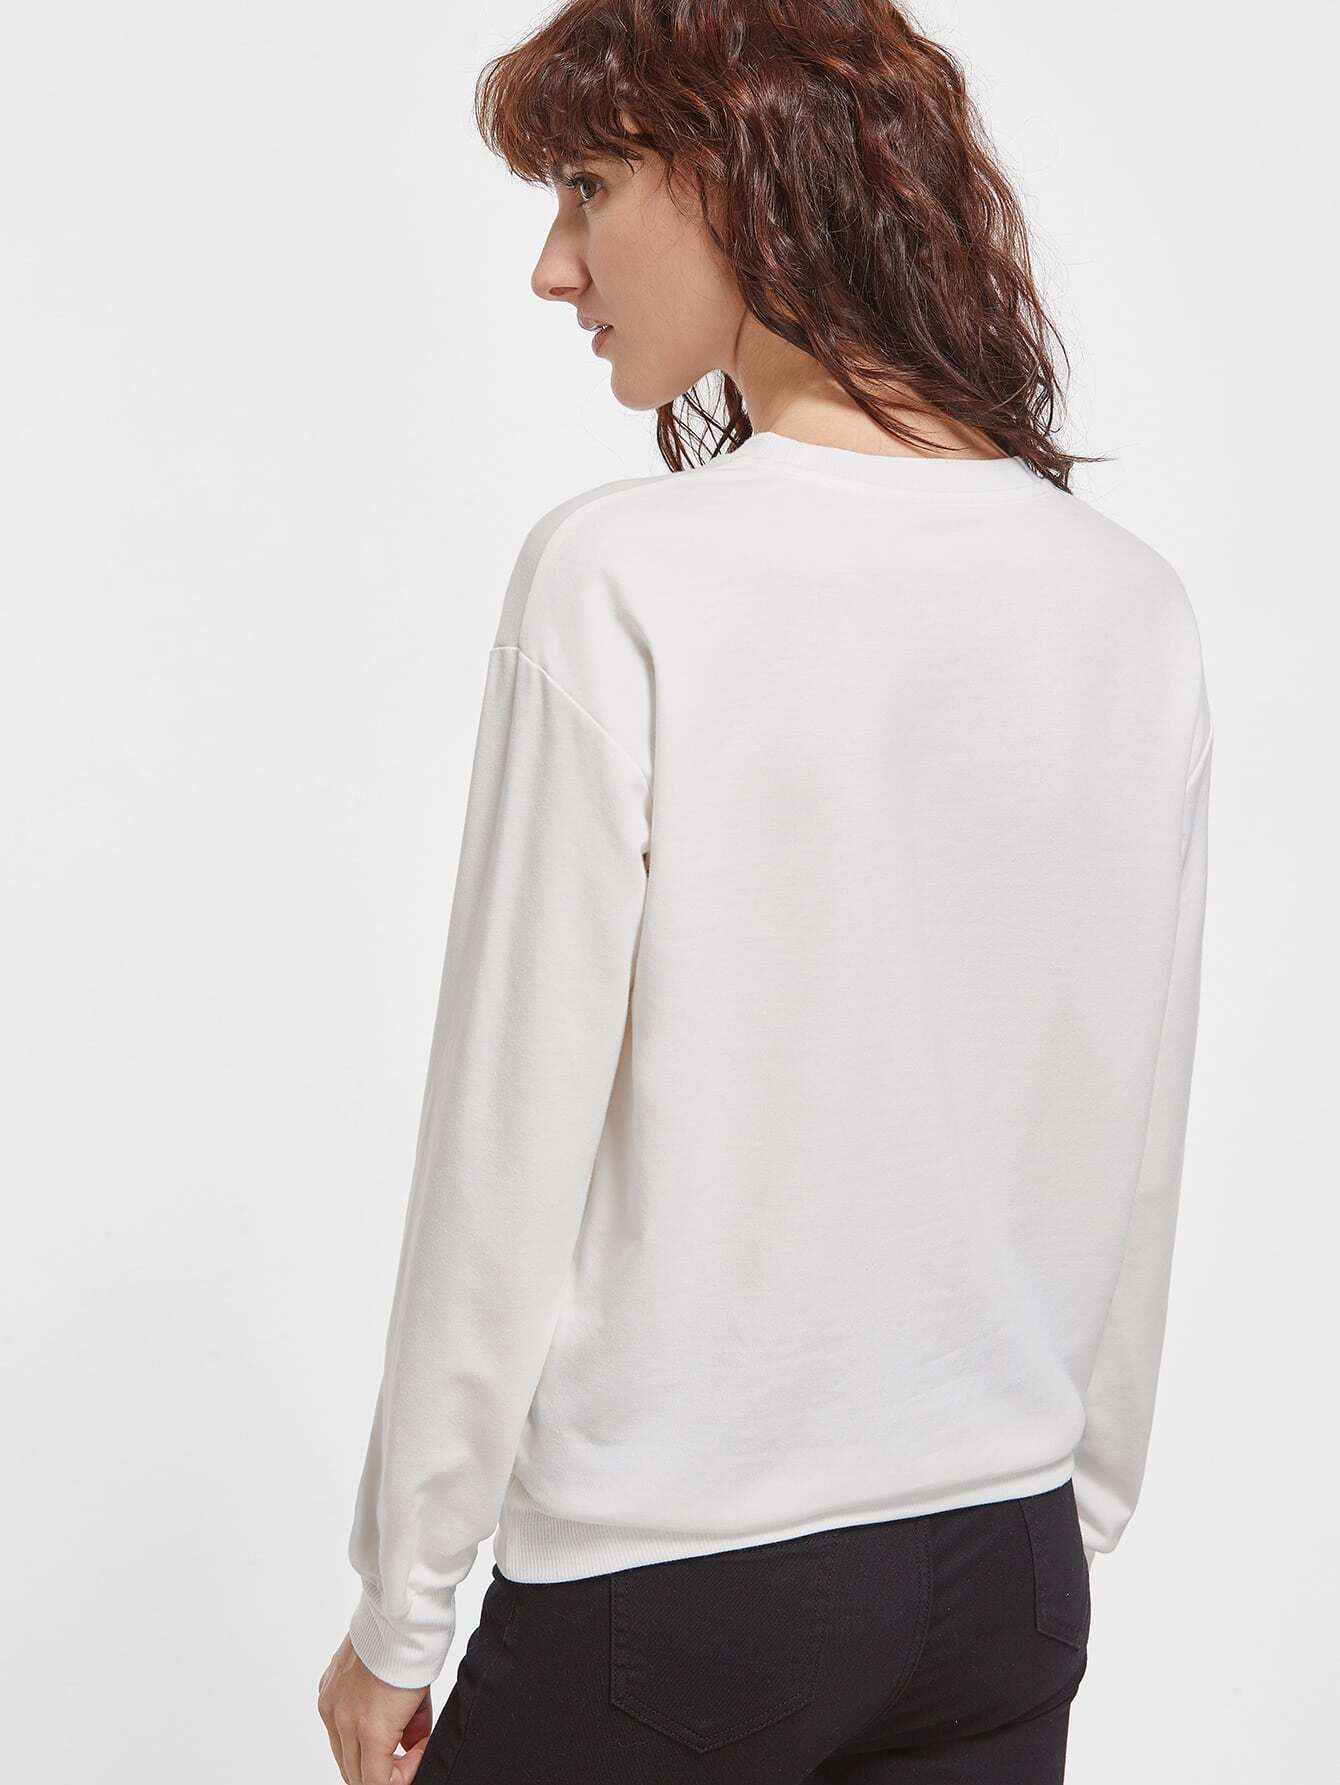 sweatshirt161202711_2